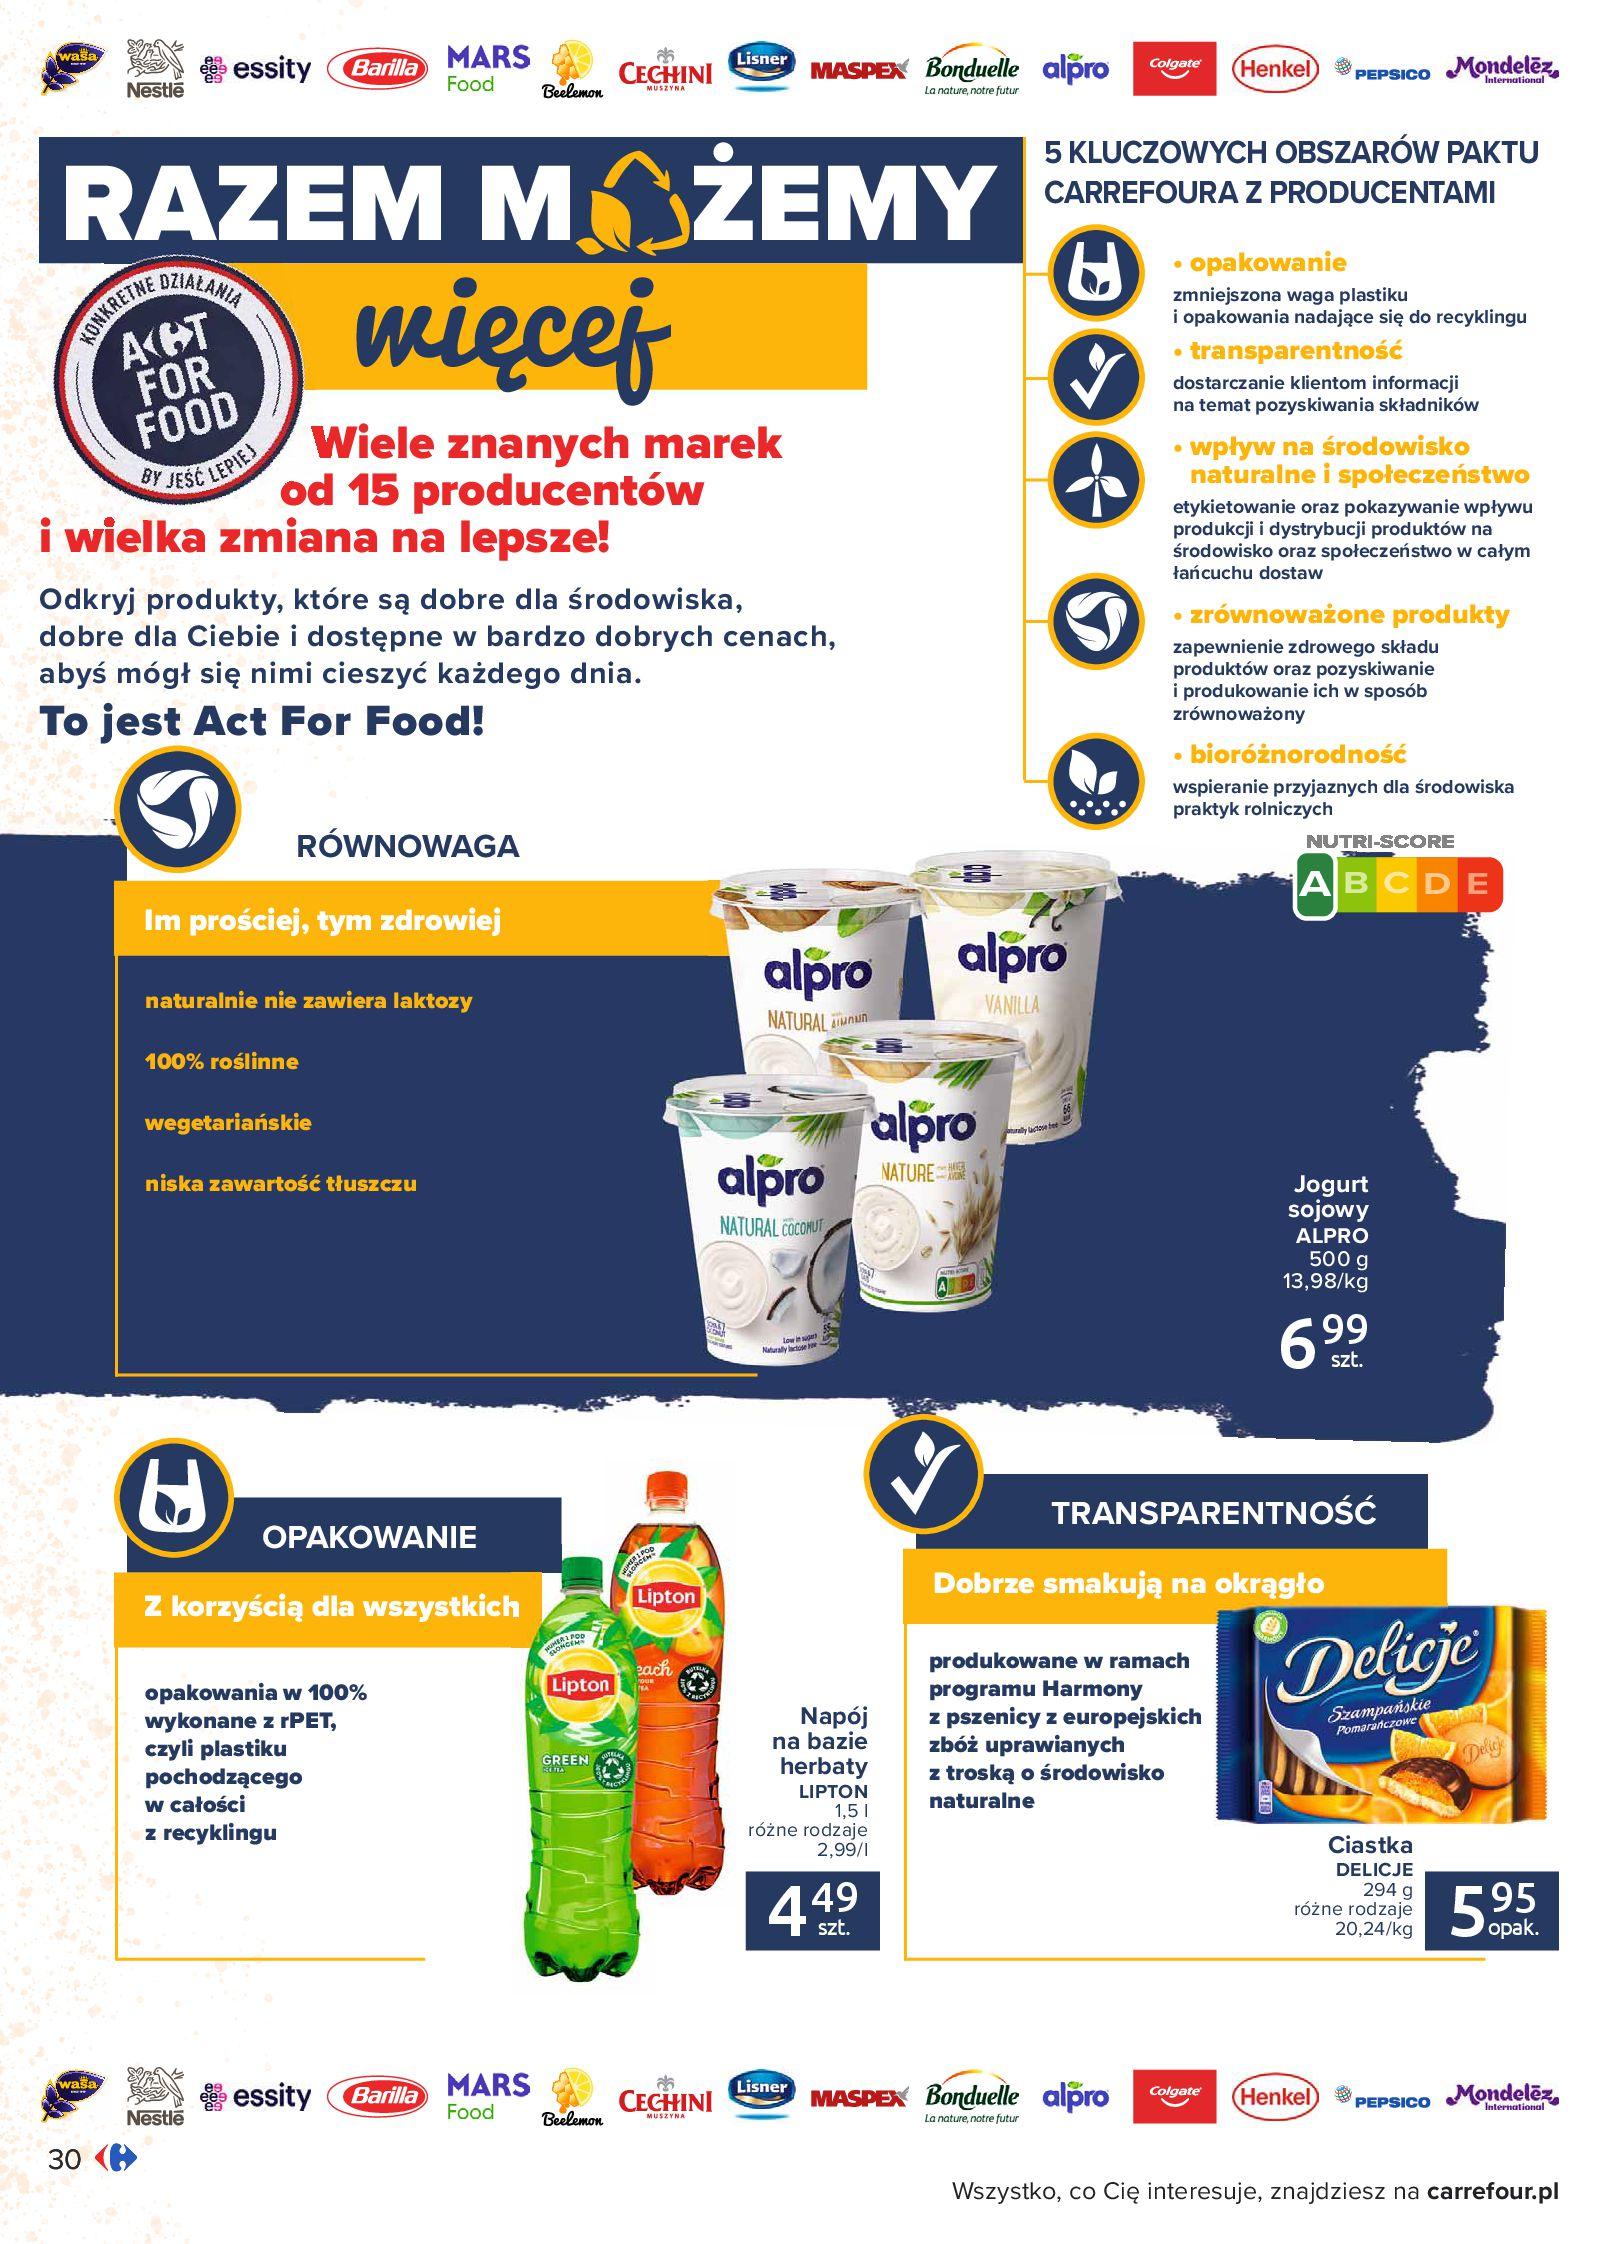 Gazetka Carrefour: Gazetka Carrefour - Możemy mądrze jeść! 2021-09-14 page-30